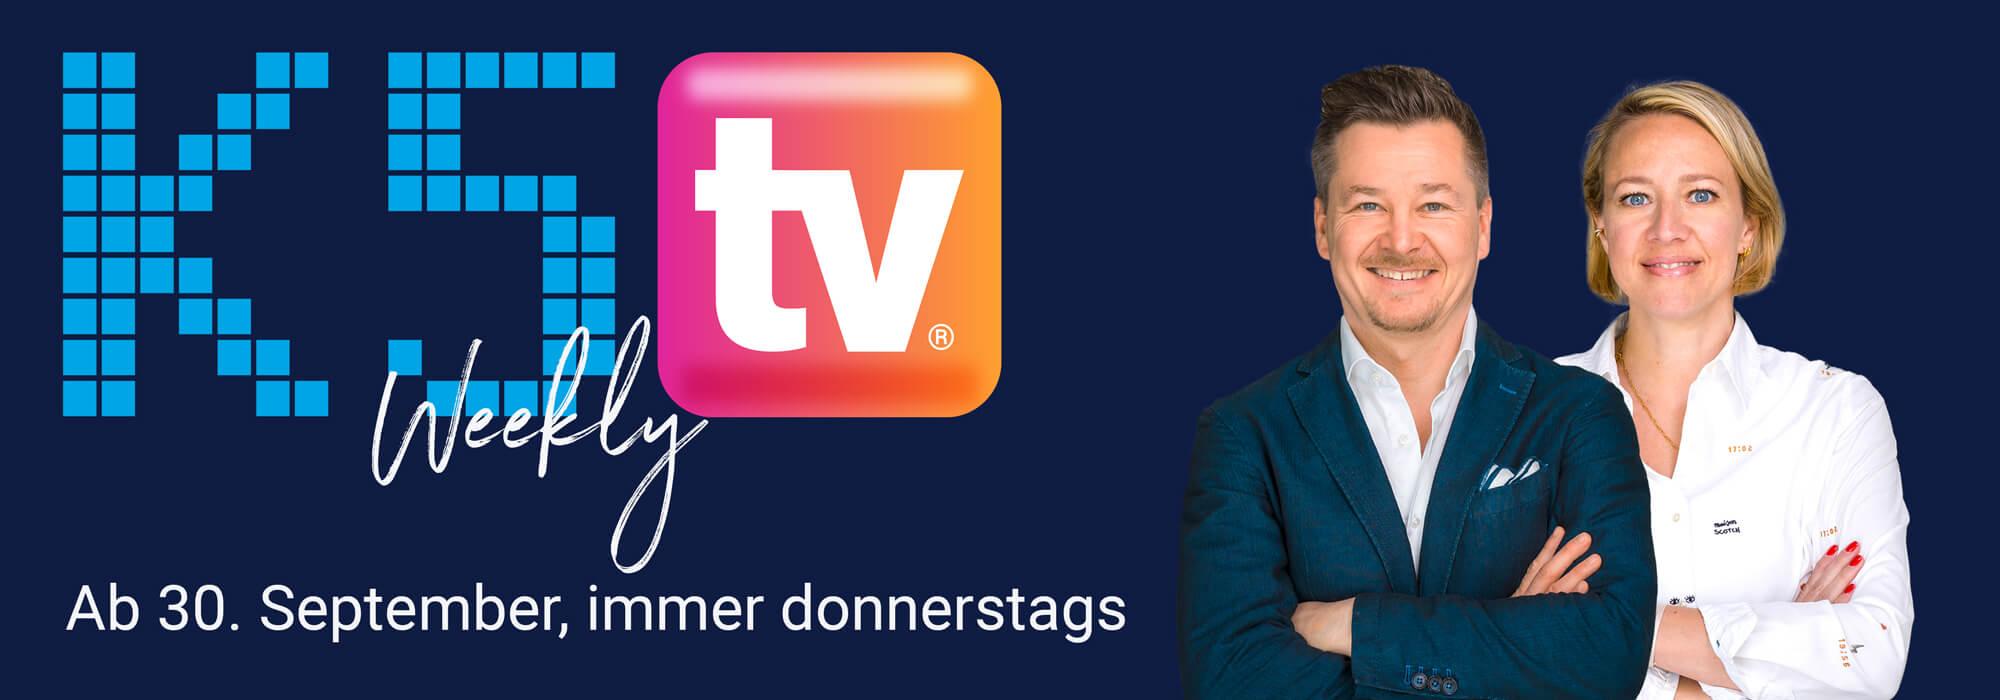 K5 TV ab 30. September, immer donnerstags